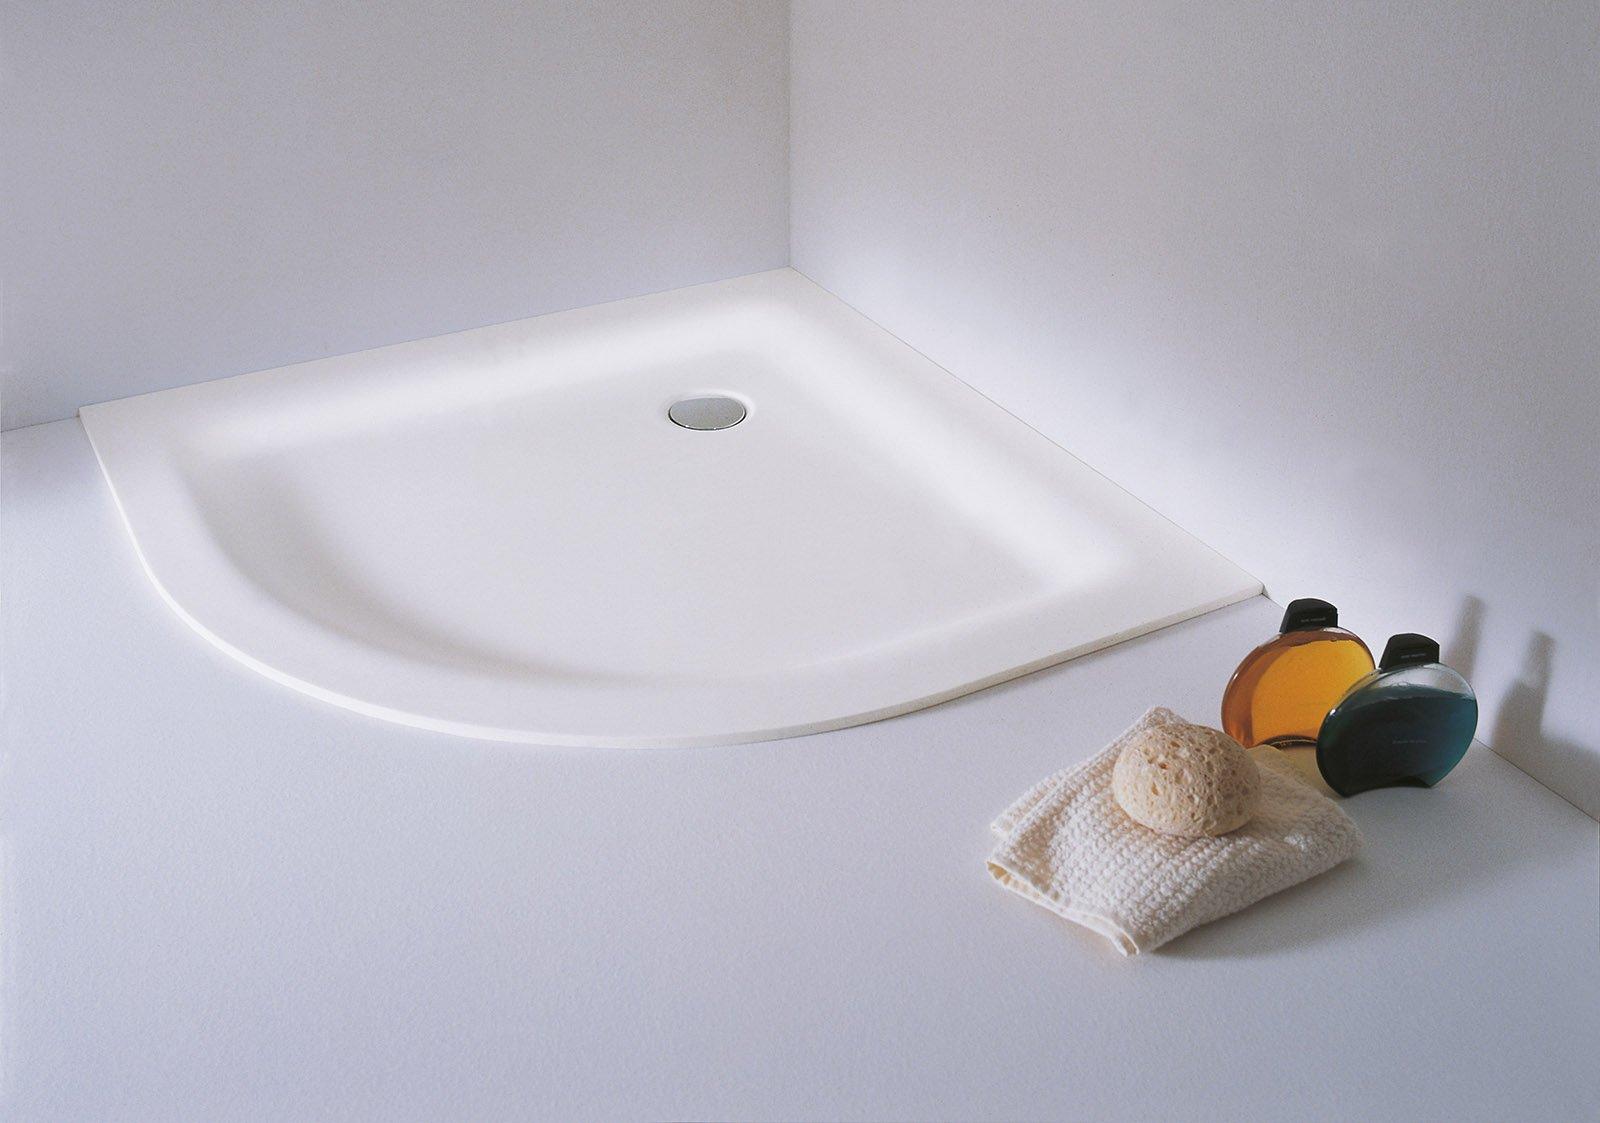 Piatto doccia quadrato rettangolare irregolare cose di casa - Grandezza piatto doccia ...